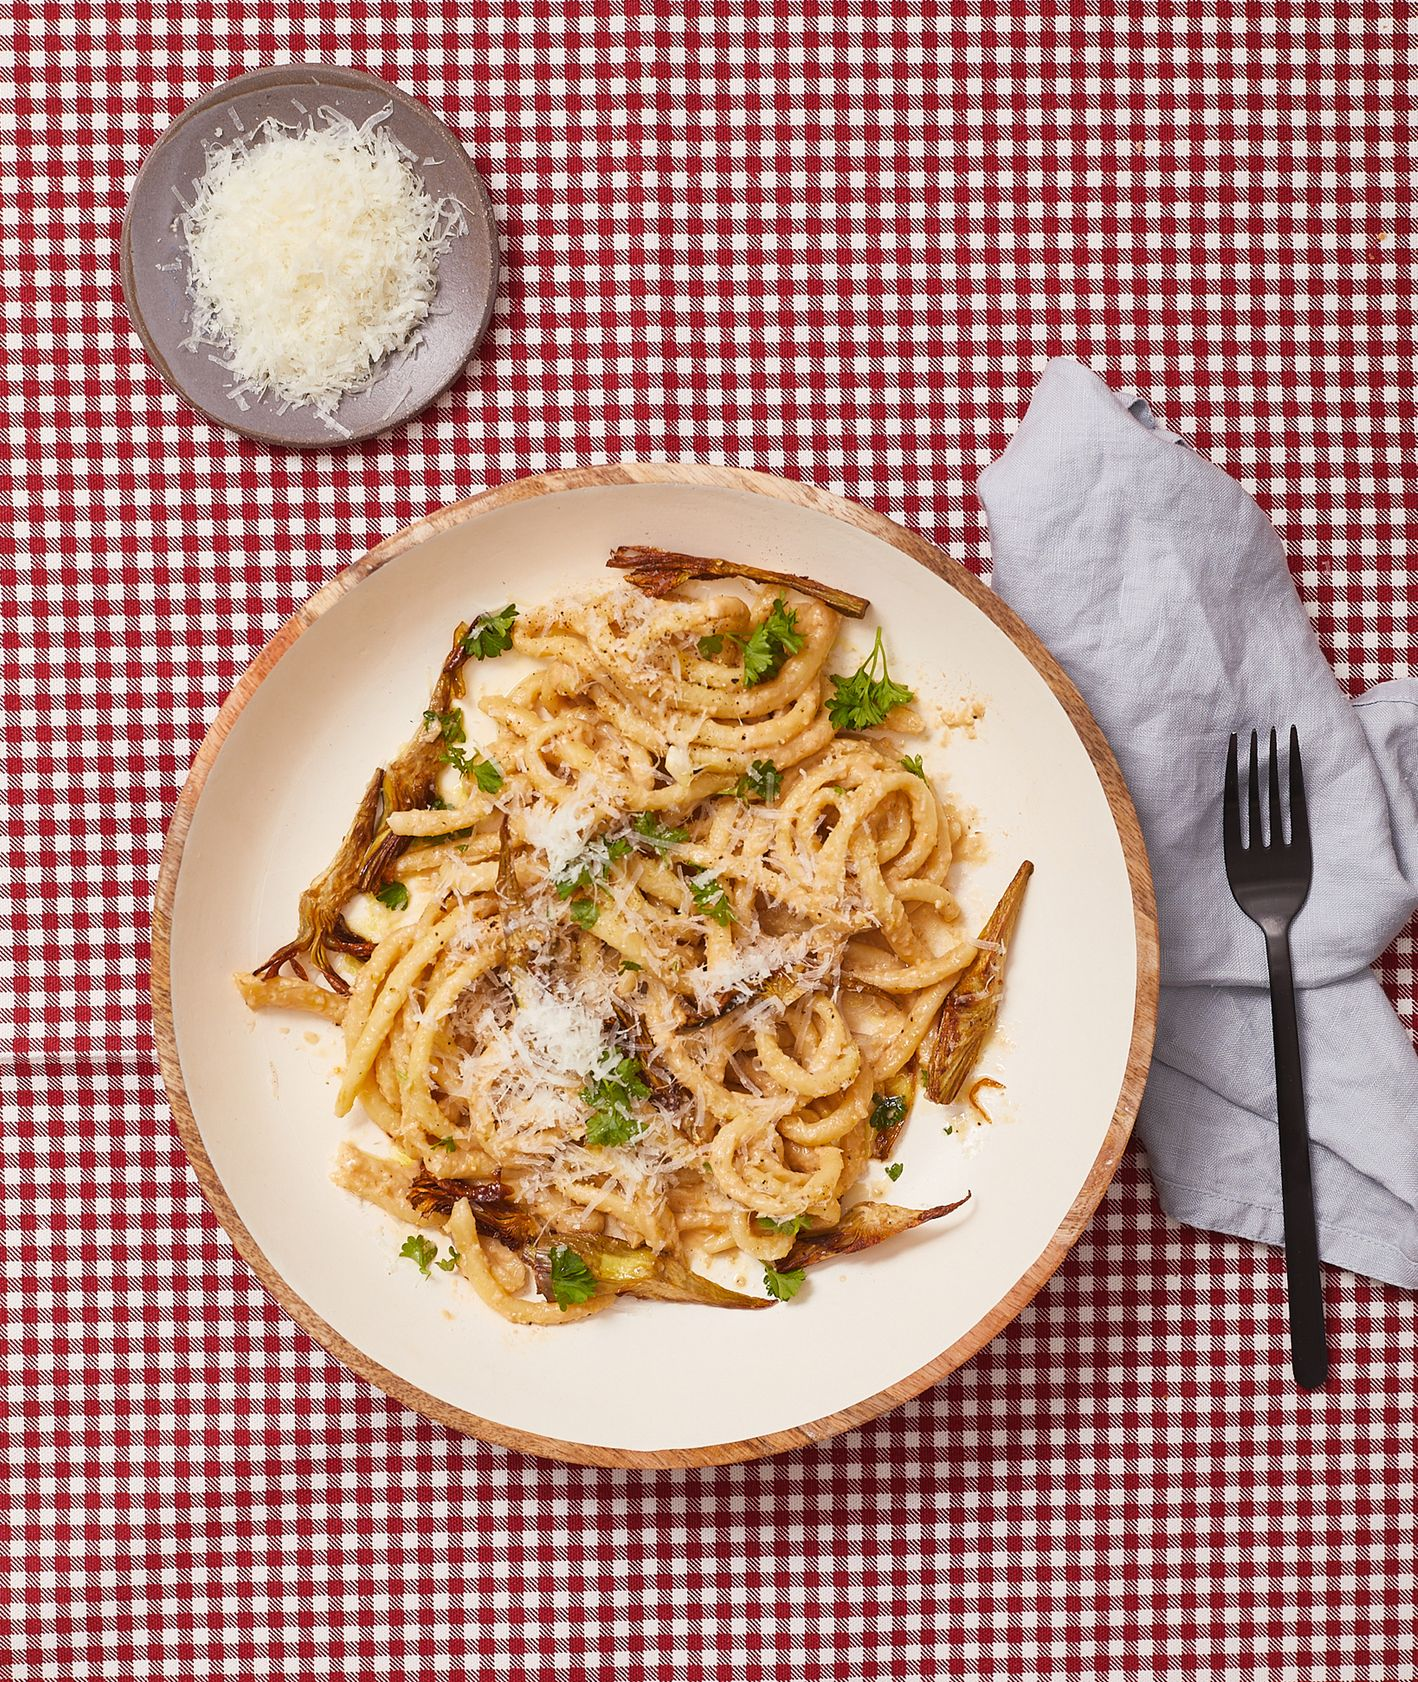 Przepis – spaghettoni w sosie z karczochów, pomysł na obiad z karczochami, włoska szkoła gotowania (fot. Maciej Niemojewski)